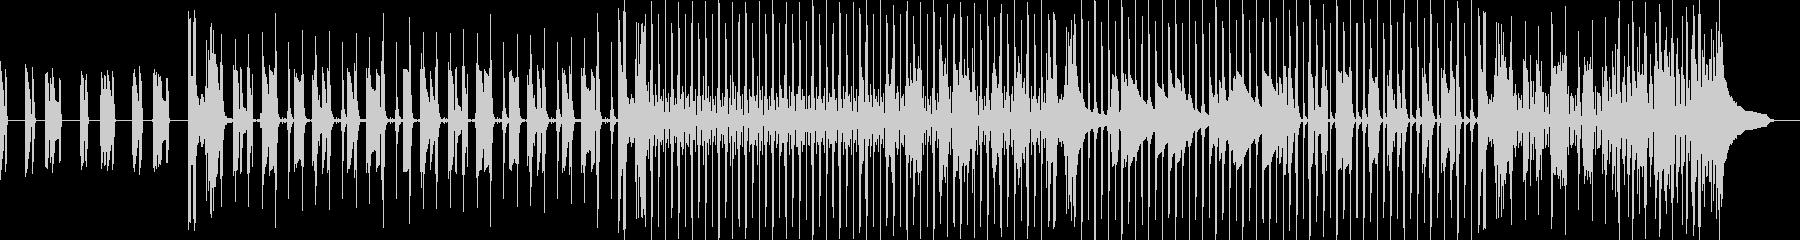 ベースの重低音が響くスローテンポなロックの未再生の波形